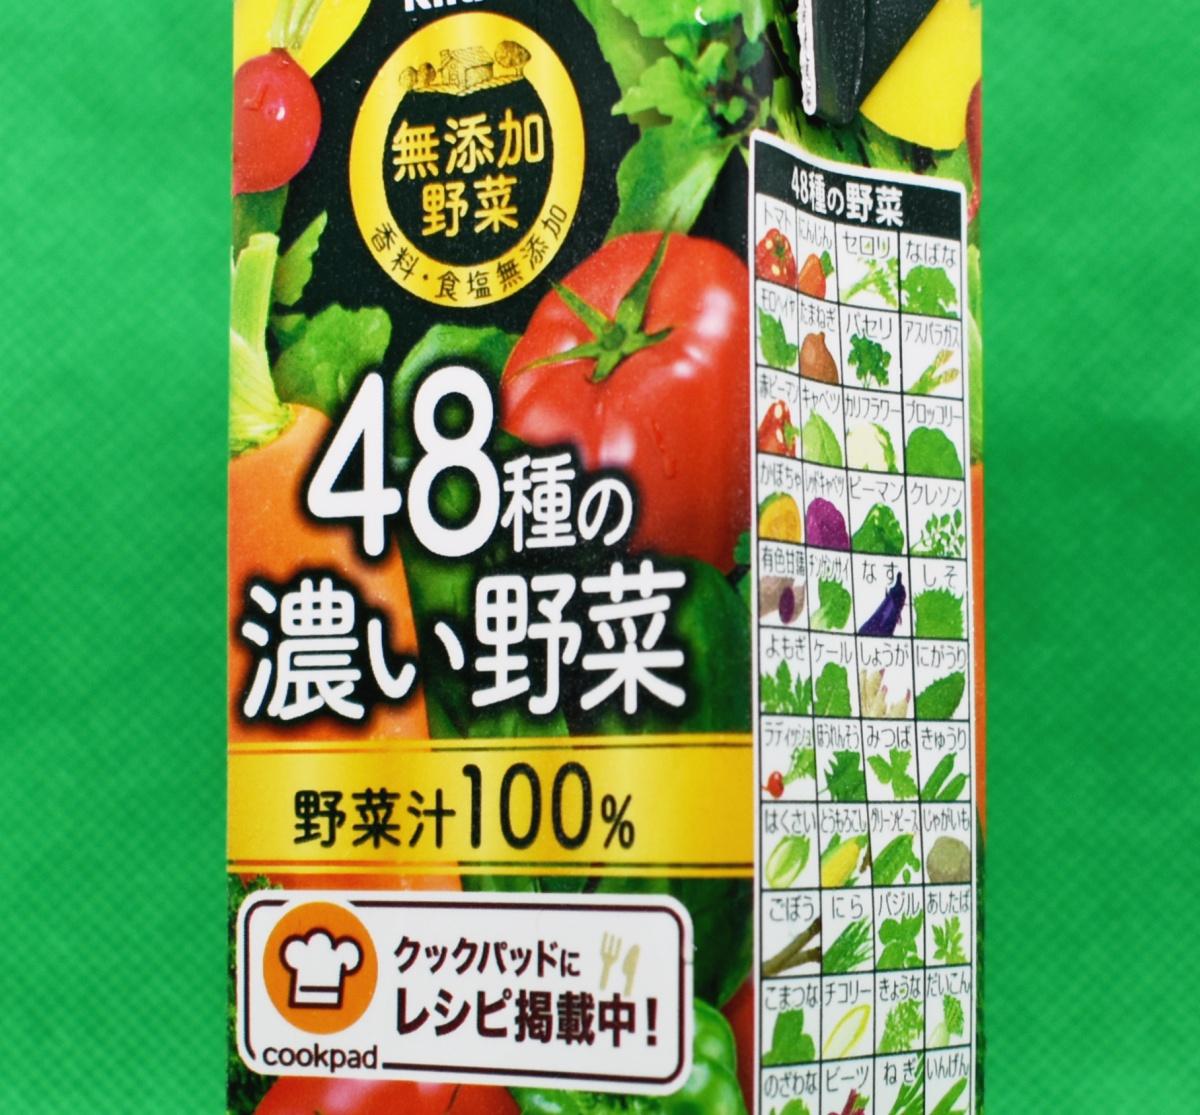 キリン,無添加野菜,48種の濃い野菜100